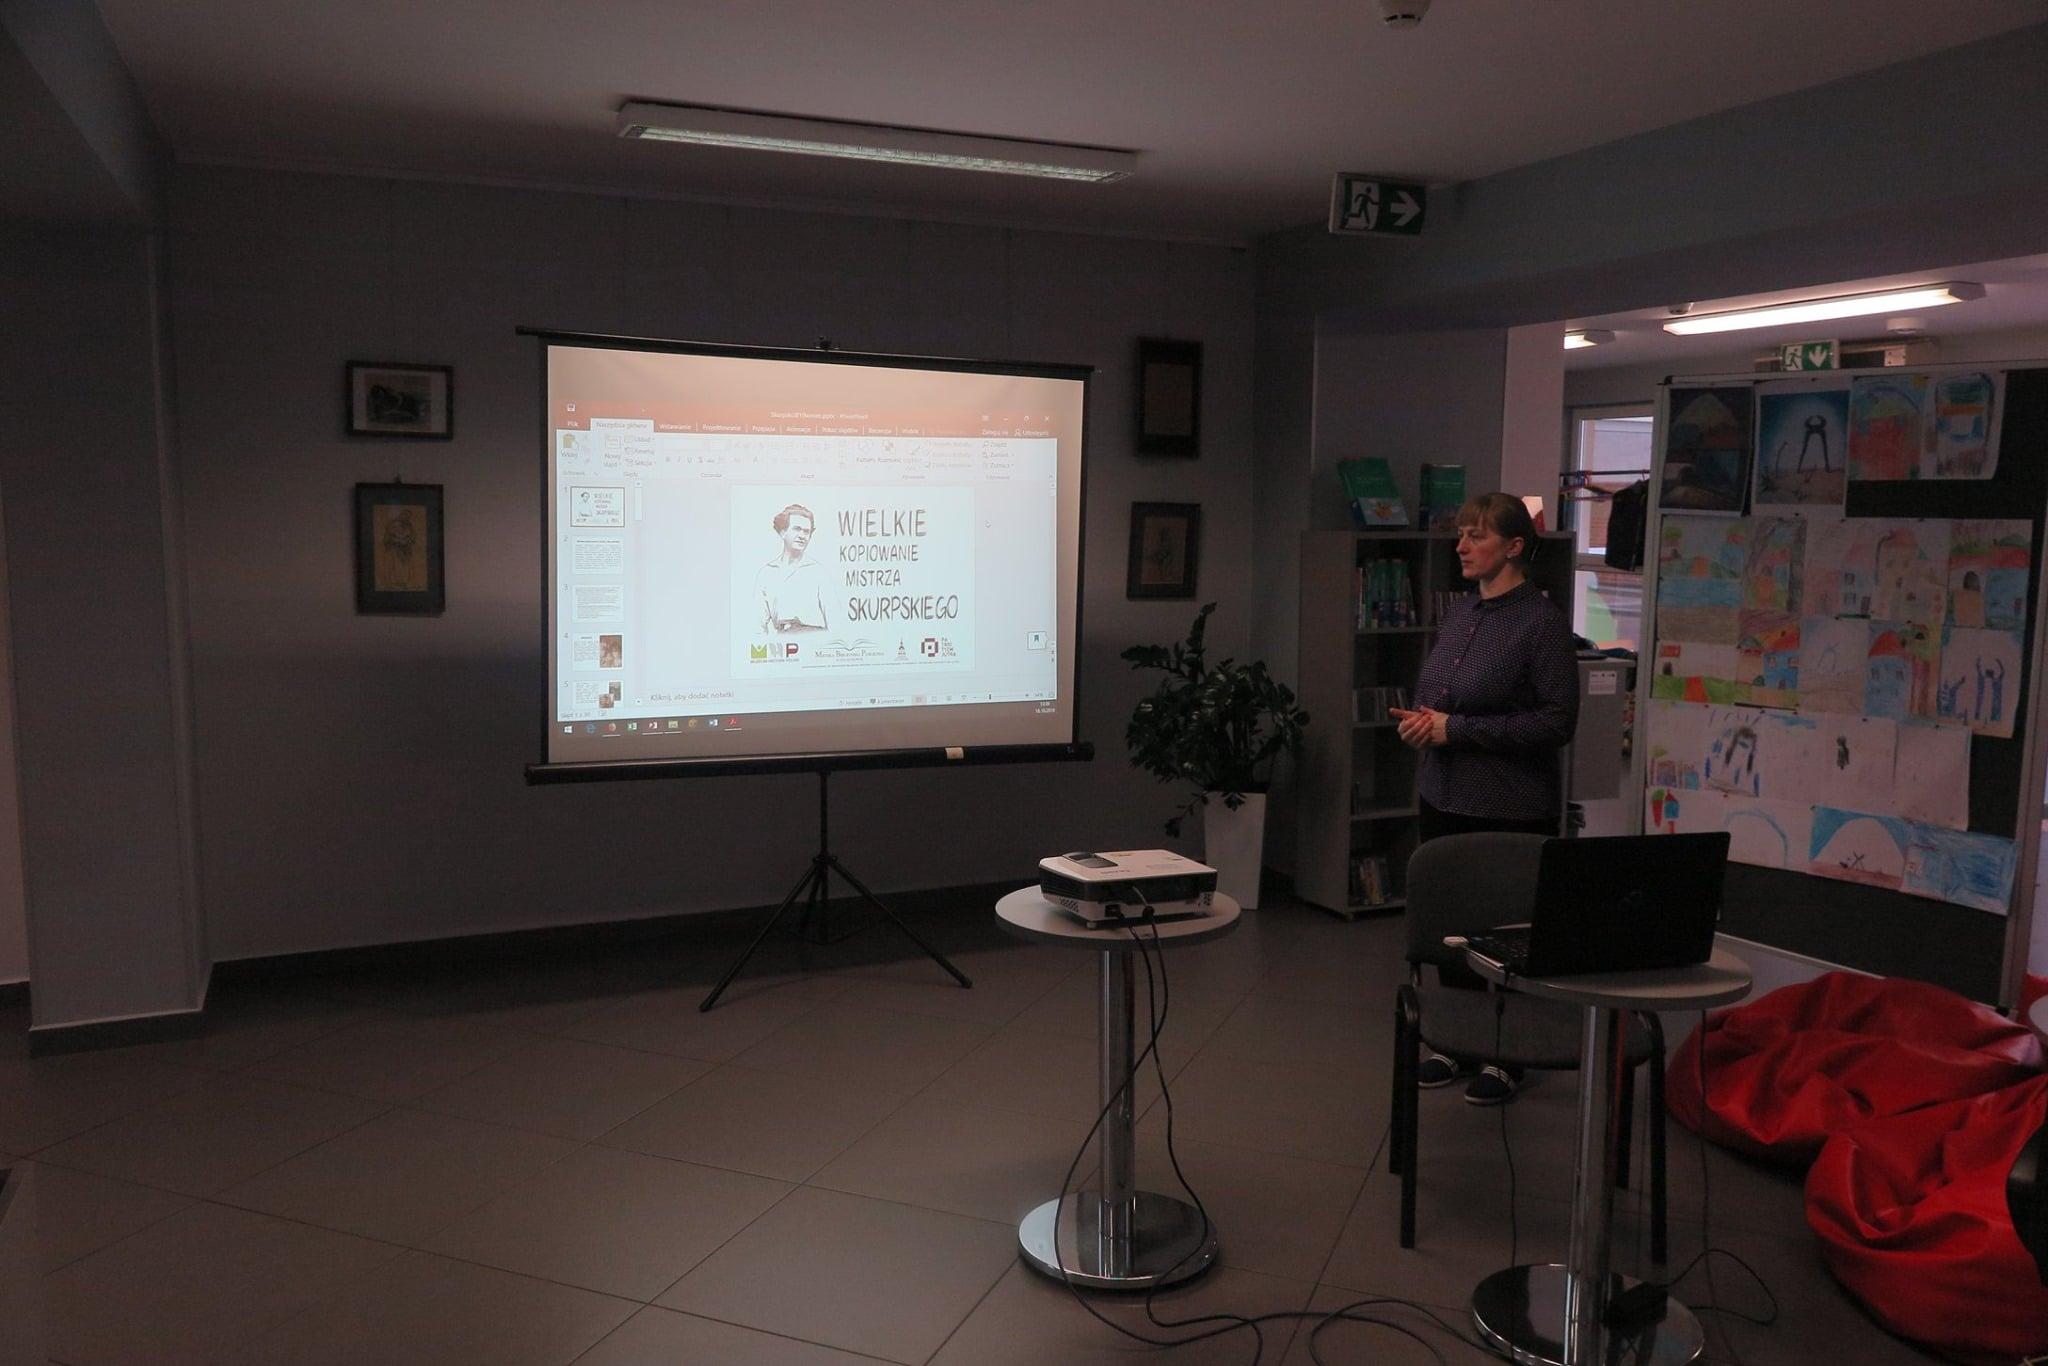 Wnętrze biblioteki,mediateka. Bibliotekarka Małgorzata Trąmpczyńska prowadzi warsztaty w ramach projektu ,,Wielkie kopiowanie mistrza Skurpskiego''. W tle na monitorze plakat Wielkie kopiowanie mistrza Skurpskiego''.